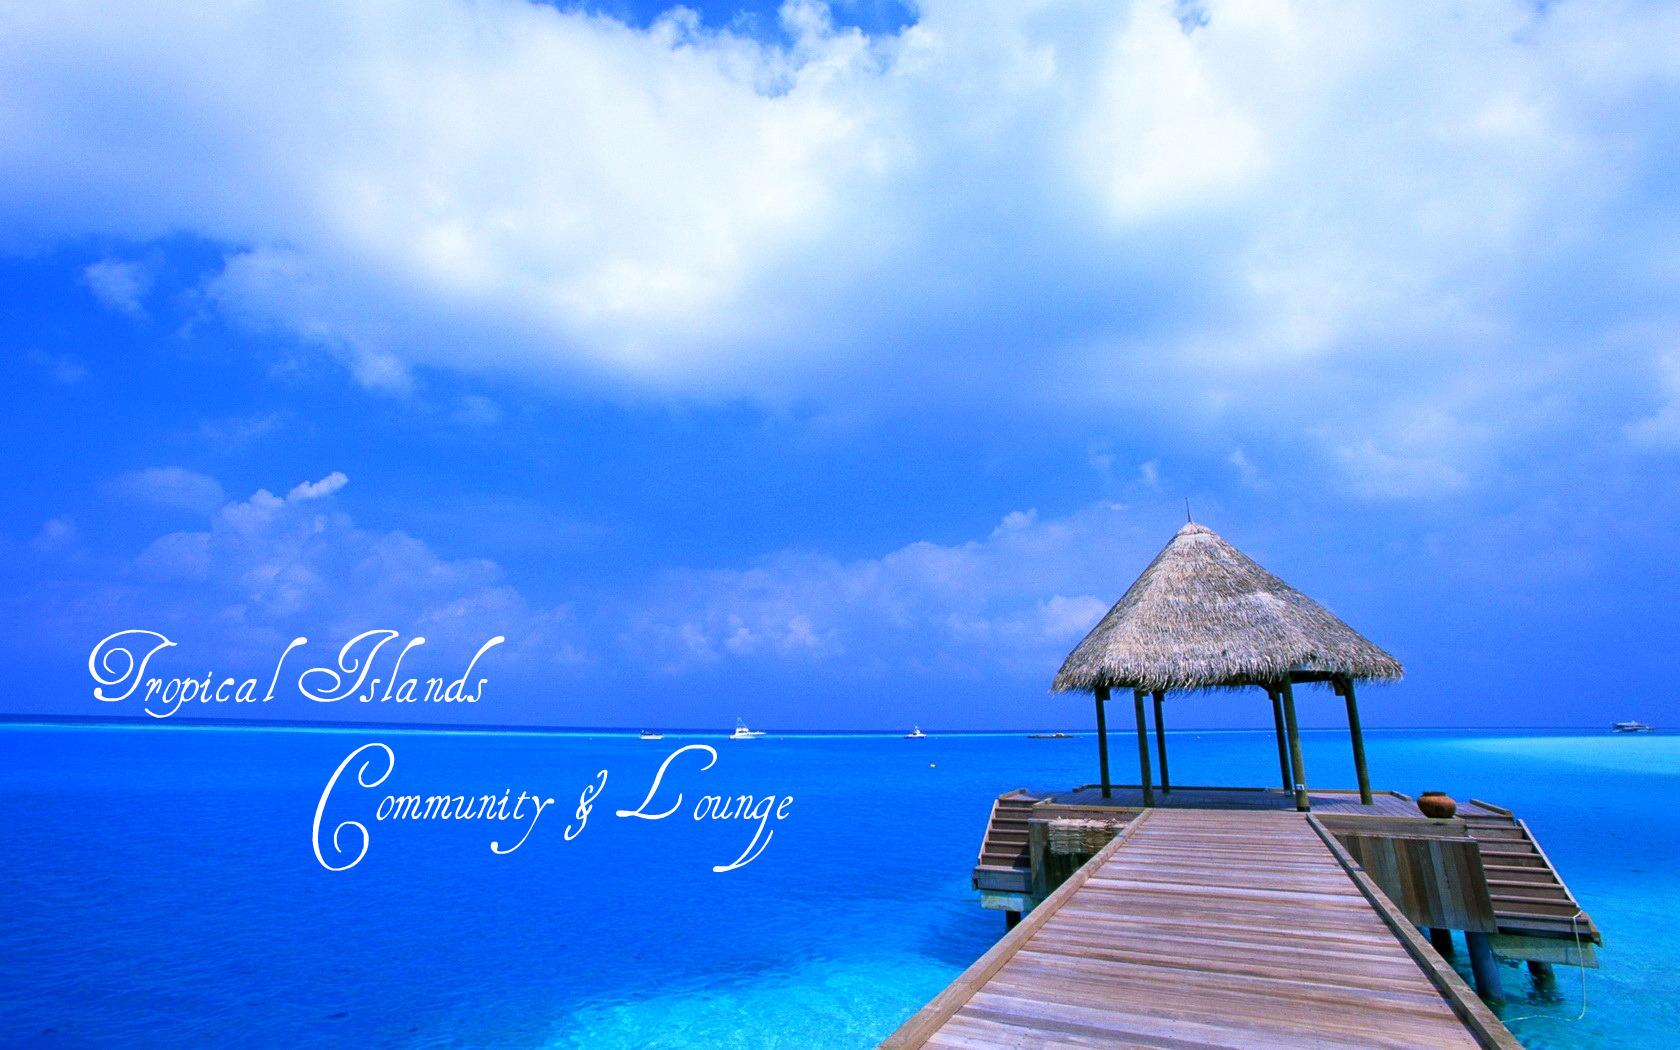 beach_life_widescreen_wallpapers_051.jpg